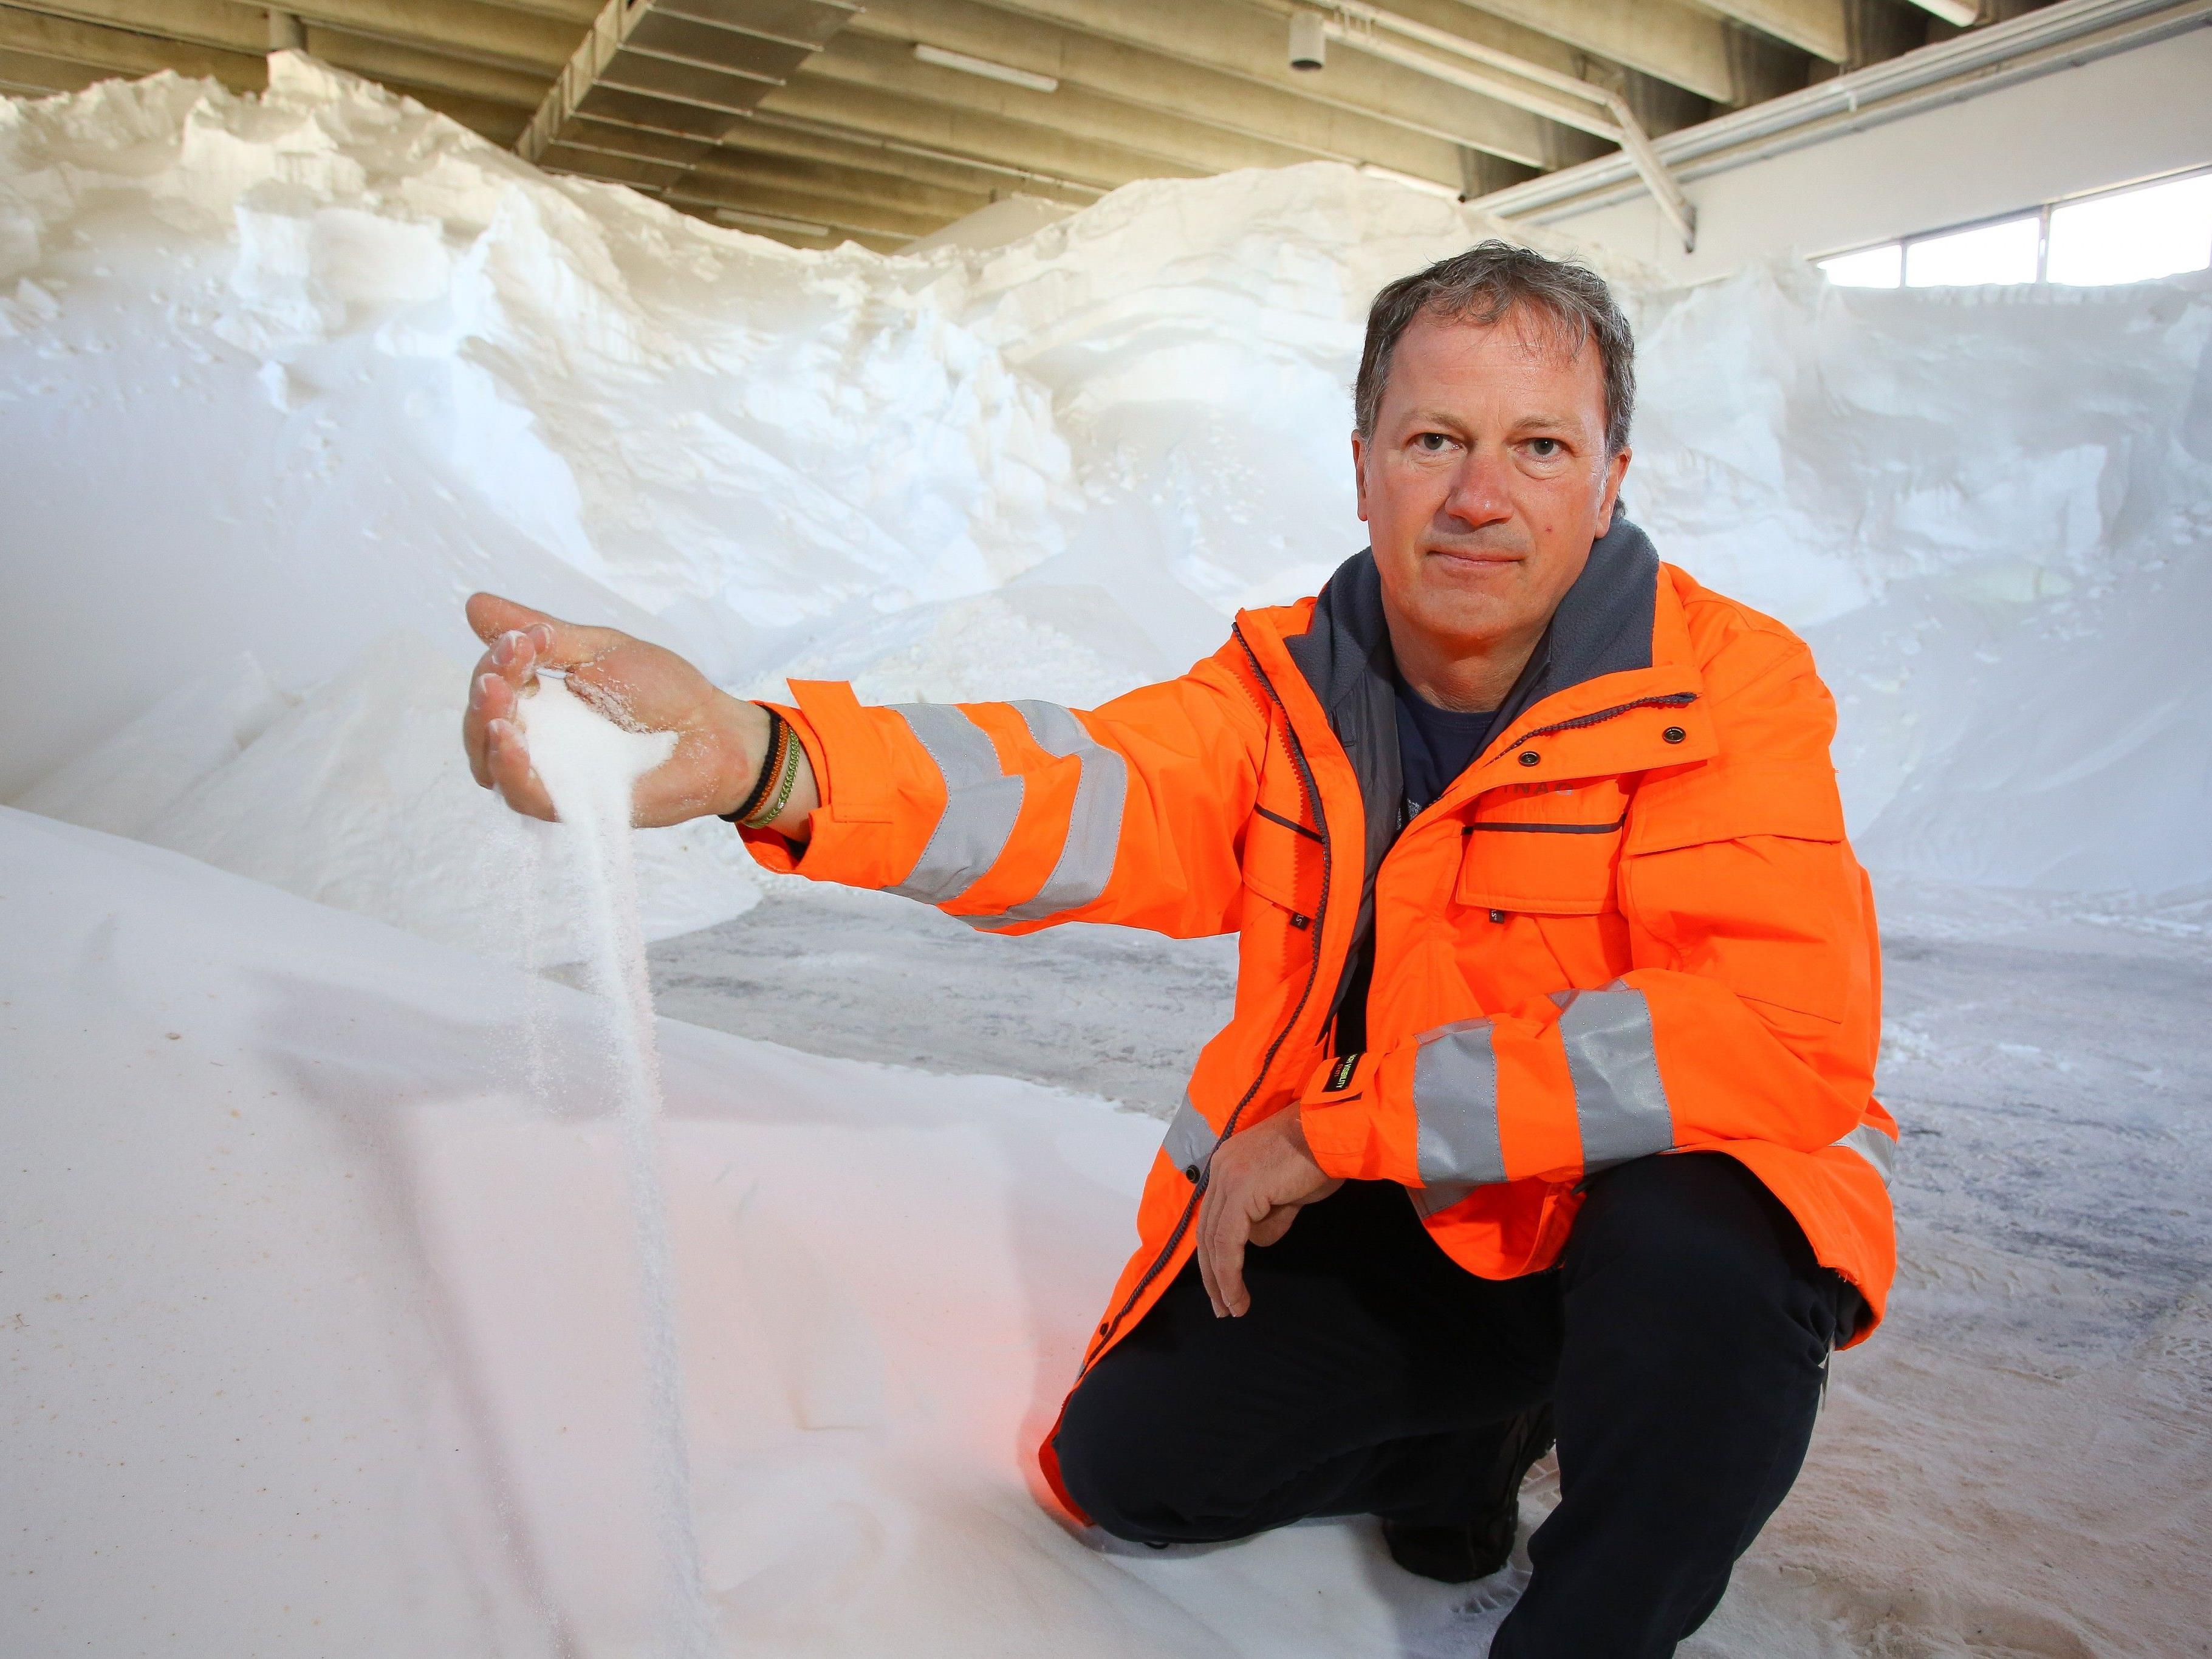 Jedes Jahr werden mehrere tausend Tonnen Salz gestreut.